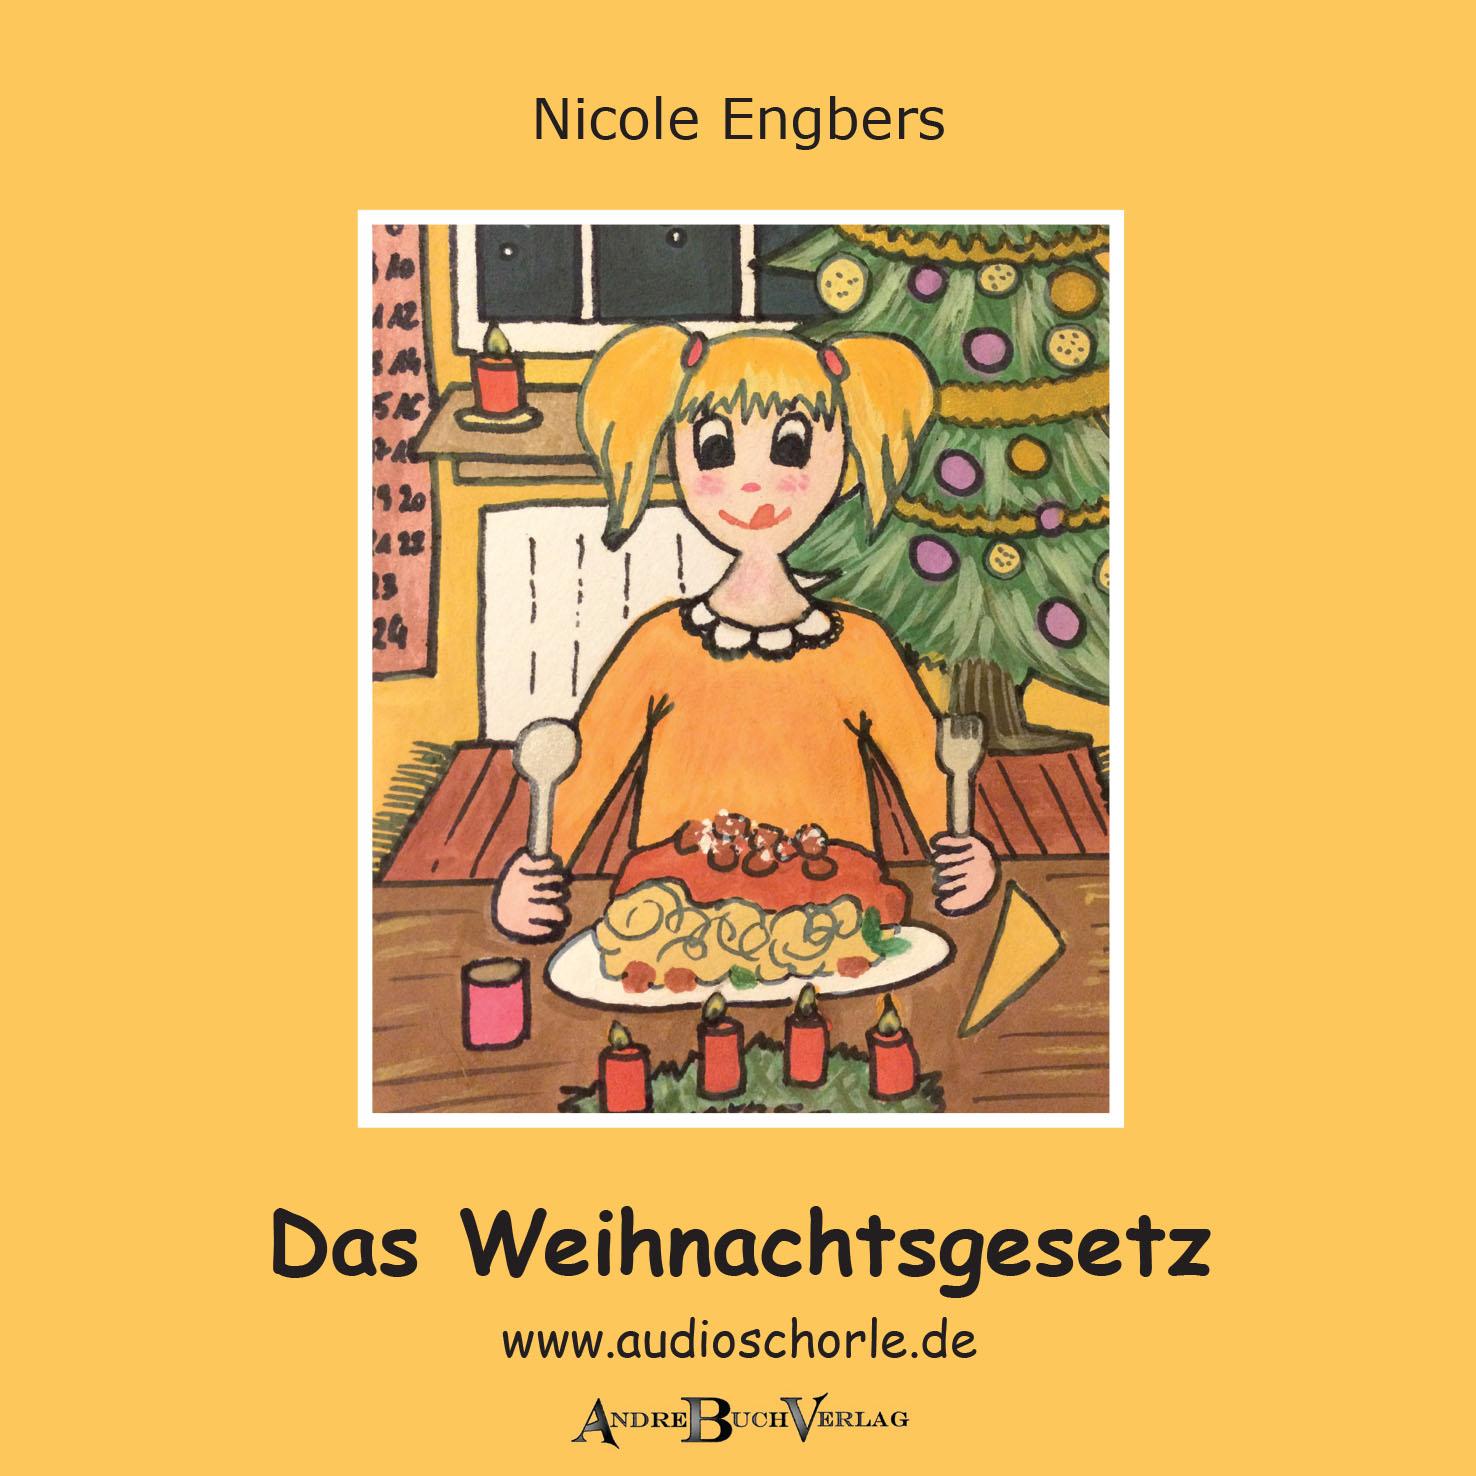 Das Weihnachtsgesetz - eine Geschichte von Nicole Engbers